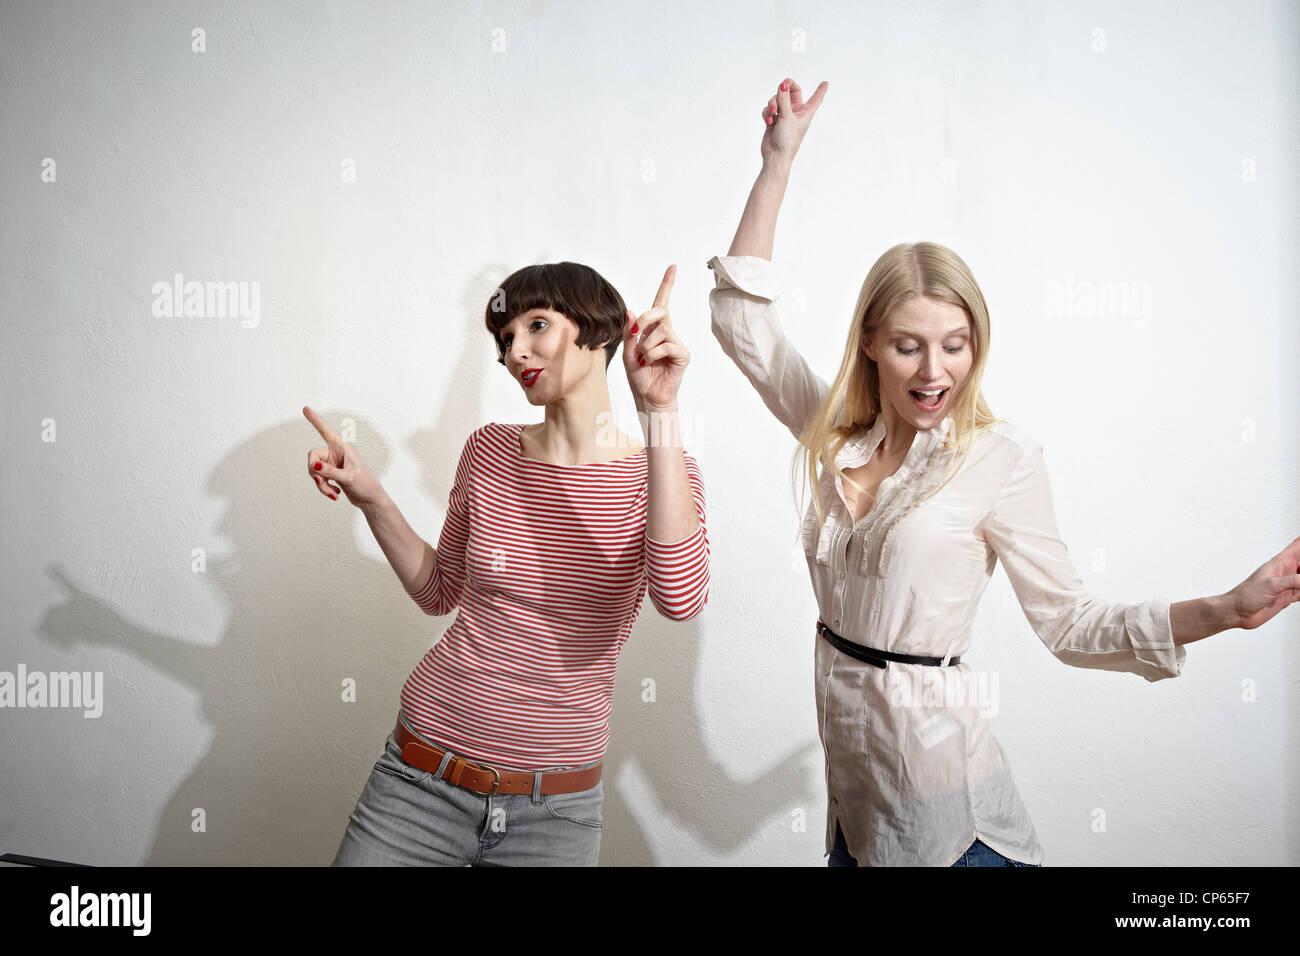 Deutschland, Köln, junge Frauen, die Spaß, lächelndes Stockbild